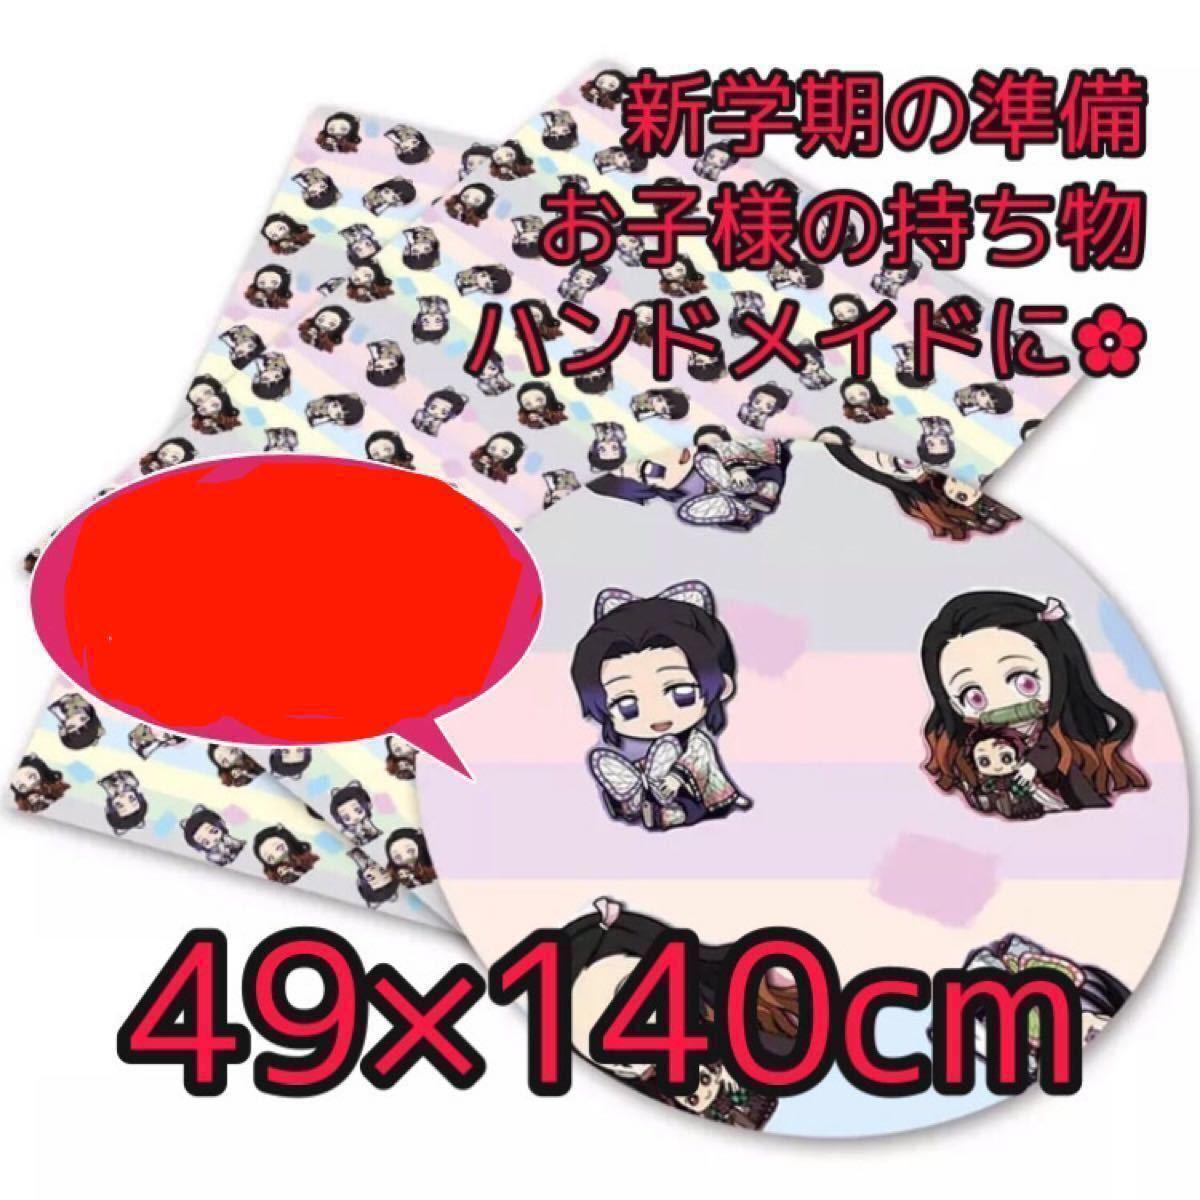 鬼滅の刃 生地 size約50×140cm